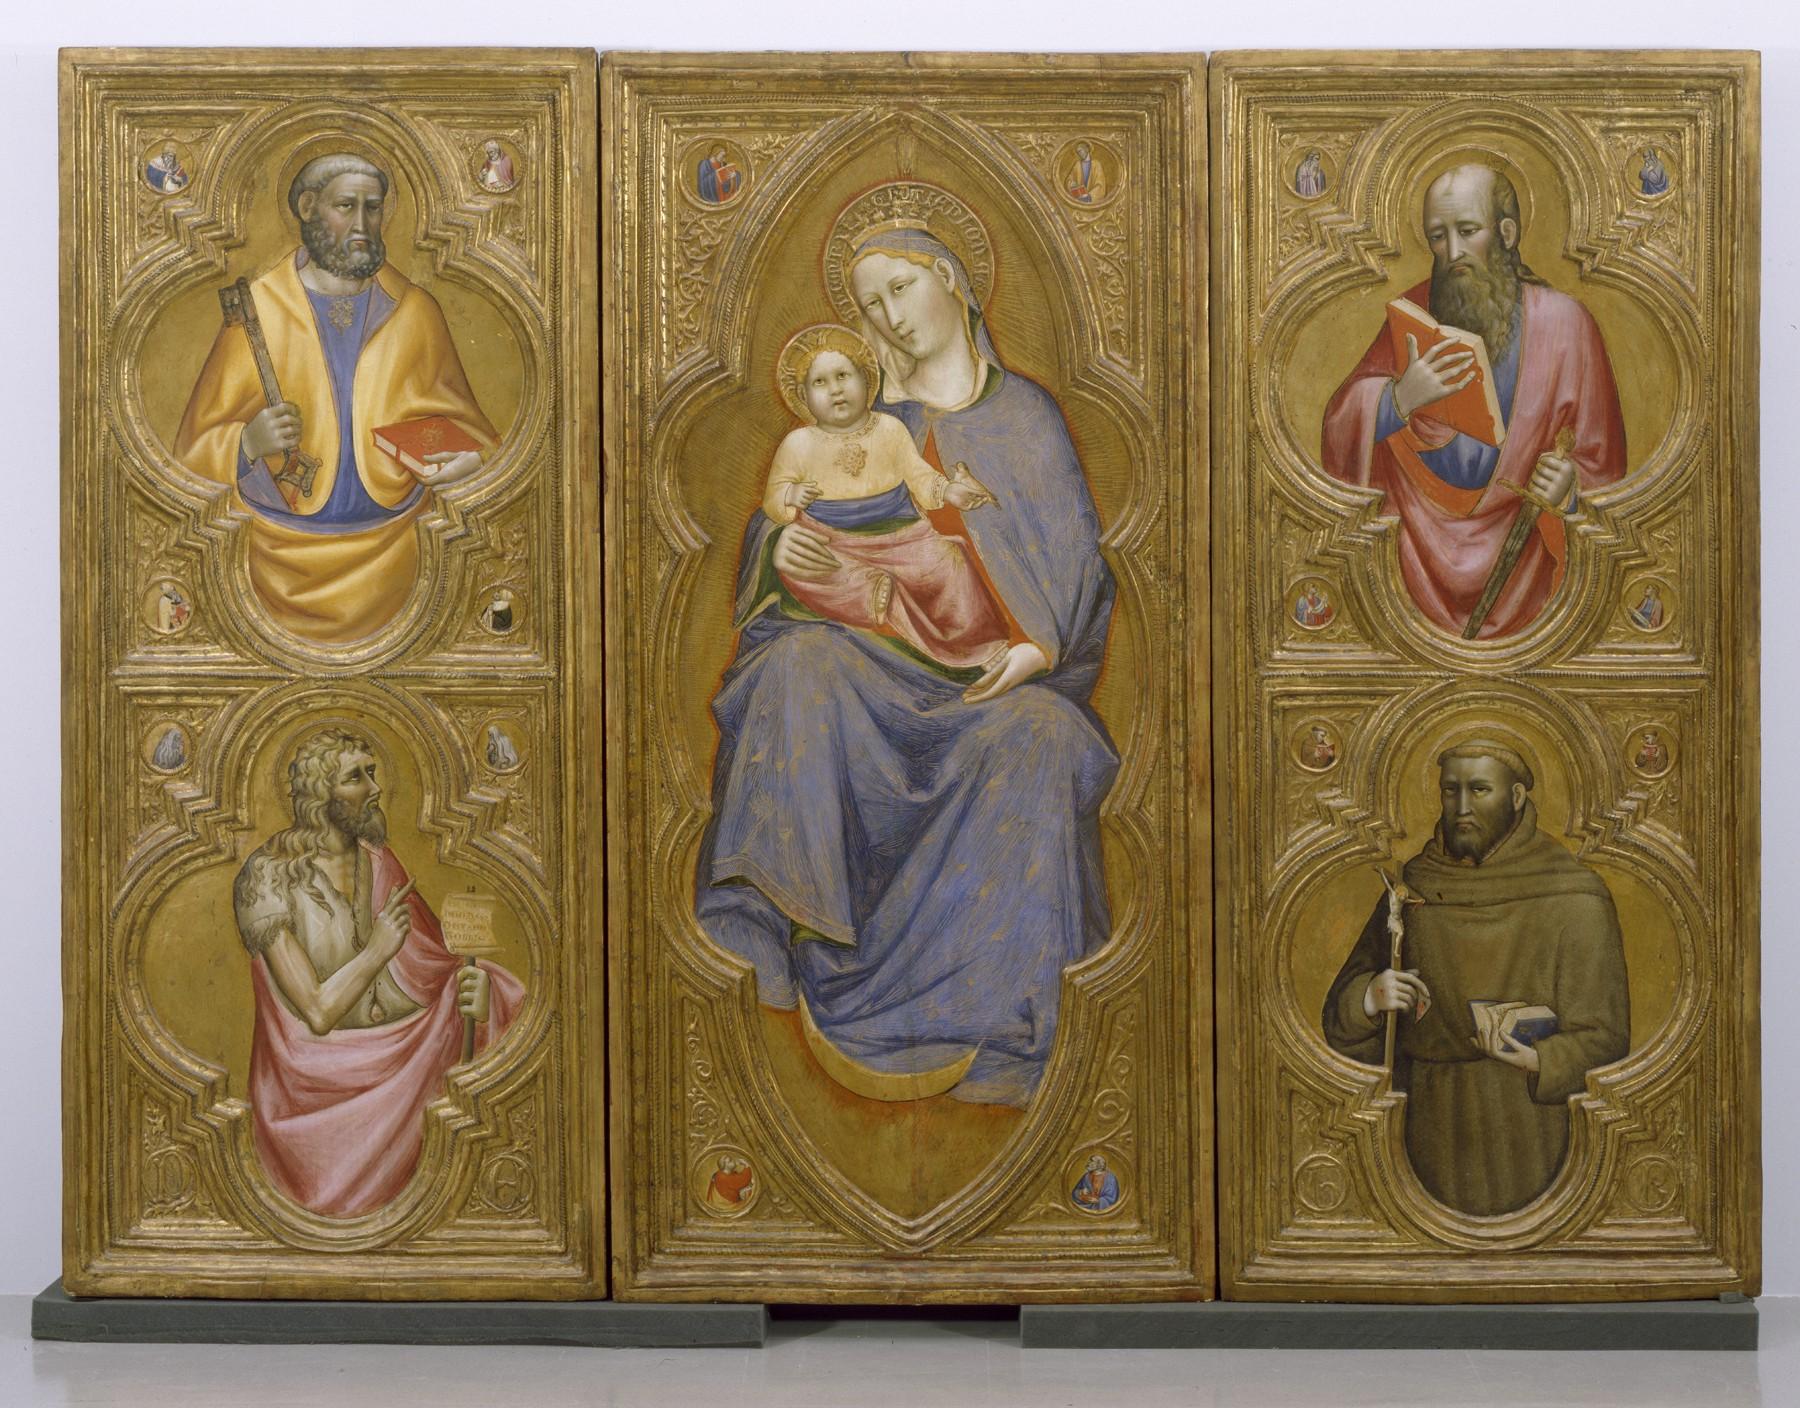 1410-20 Olivuccio di Ciccarello da Camerino Walters Arts Gallery Baltimore